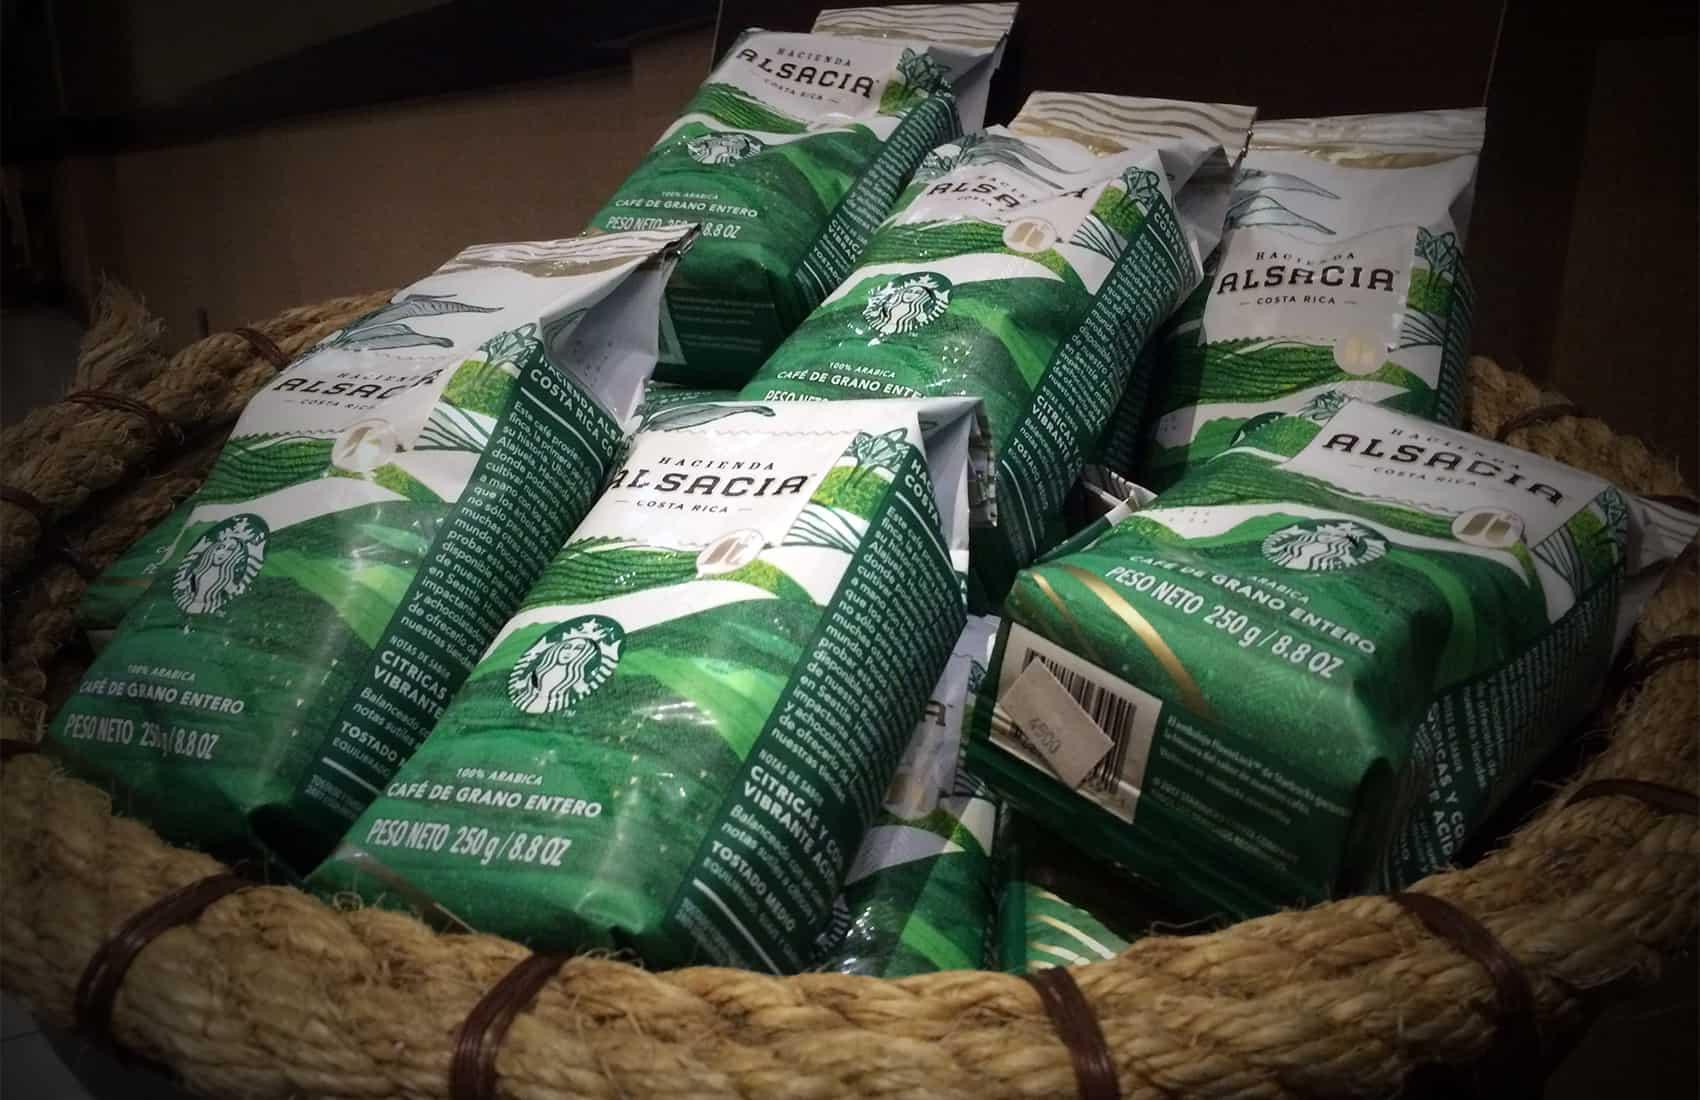 Starbucks Hacienda Alsacia coffee. Jan. 26, 2017.